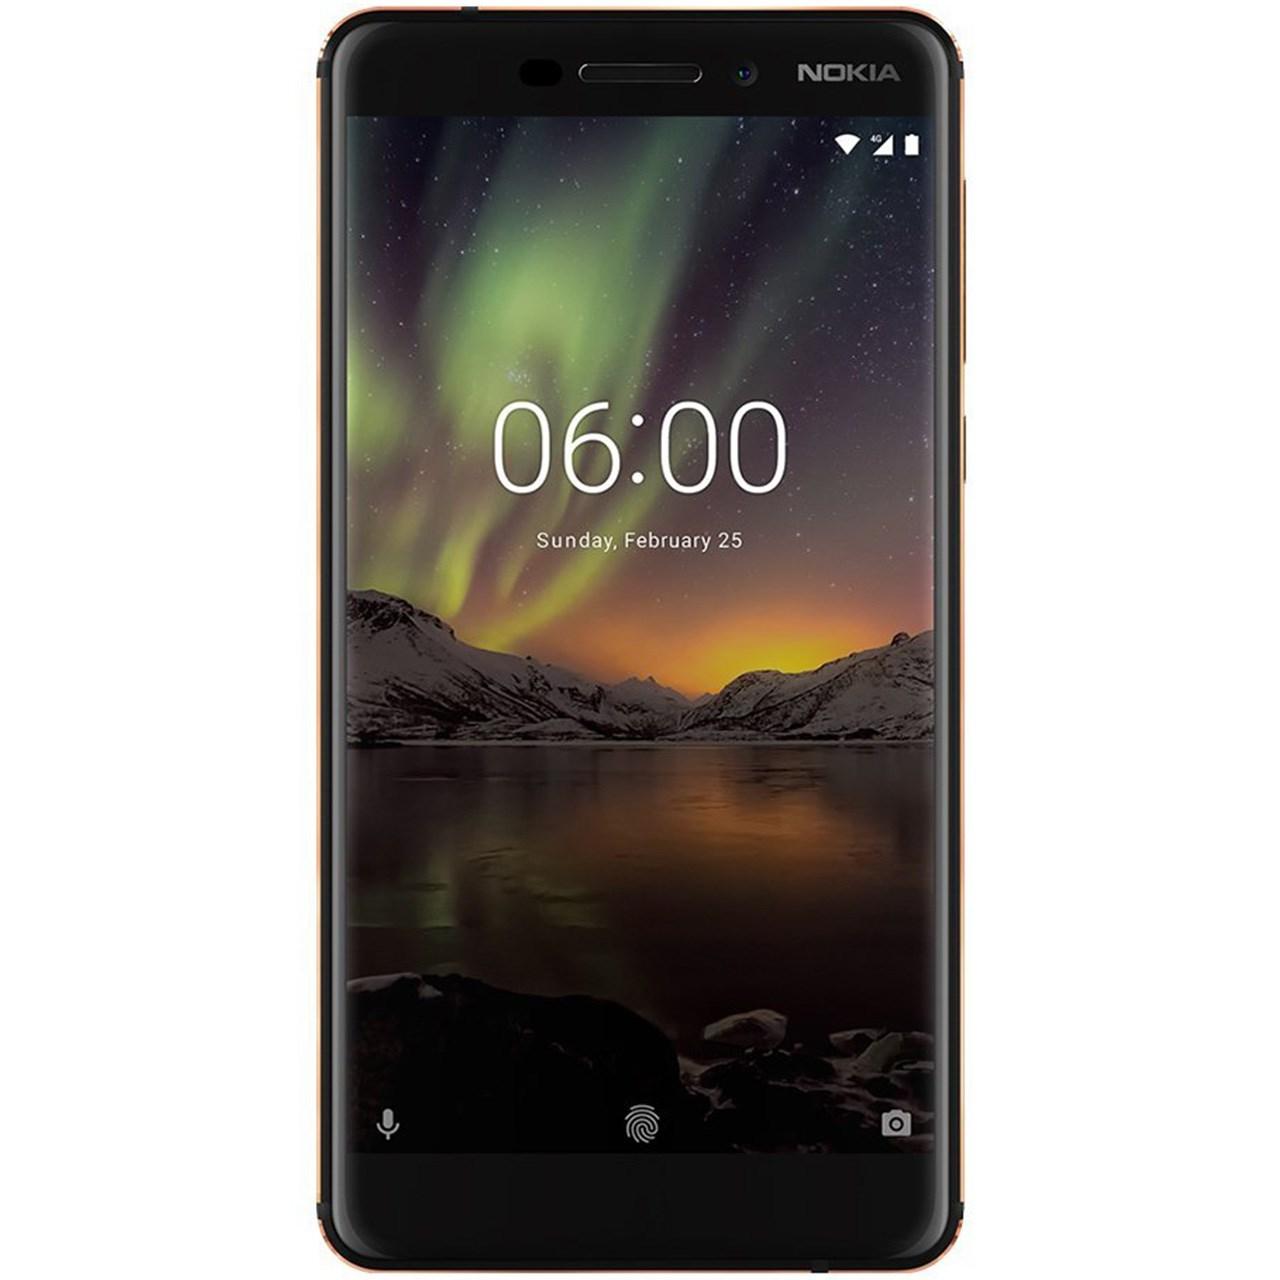 گوشی موبایل نوکیا مدل 6.1 دو سیم کارت ظرفیت 32 گیگابایت - با قیمت ویژه